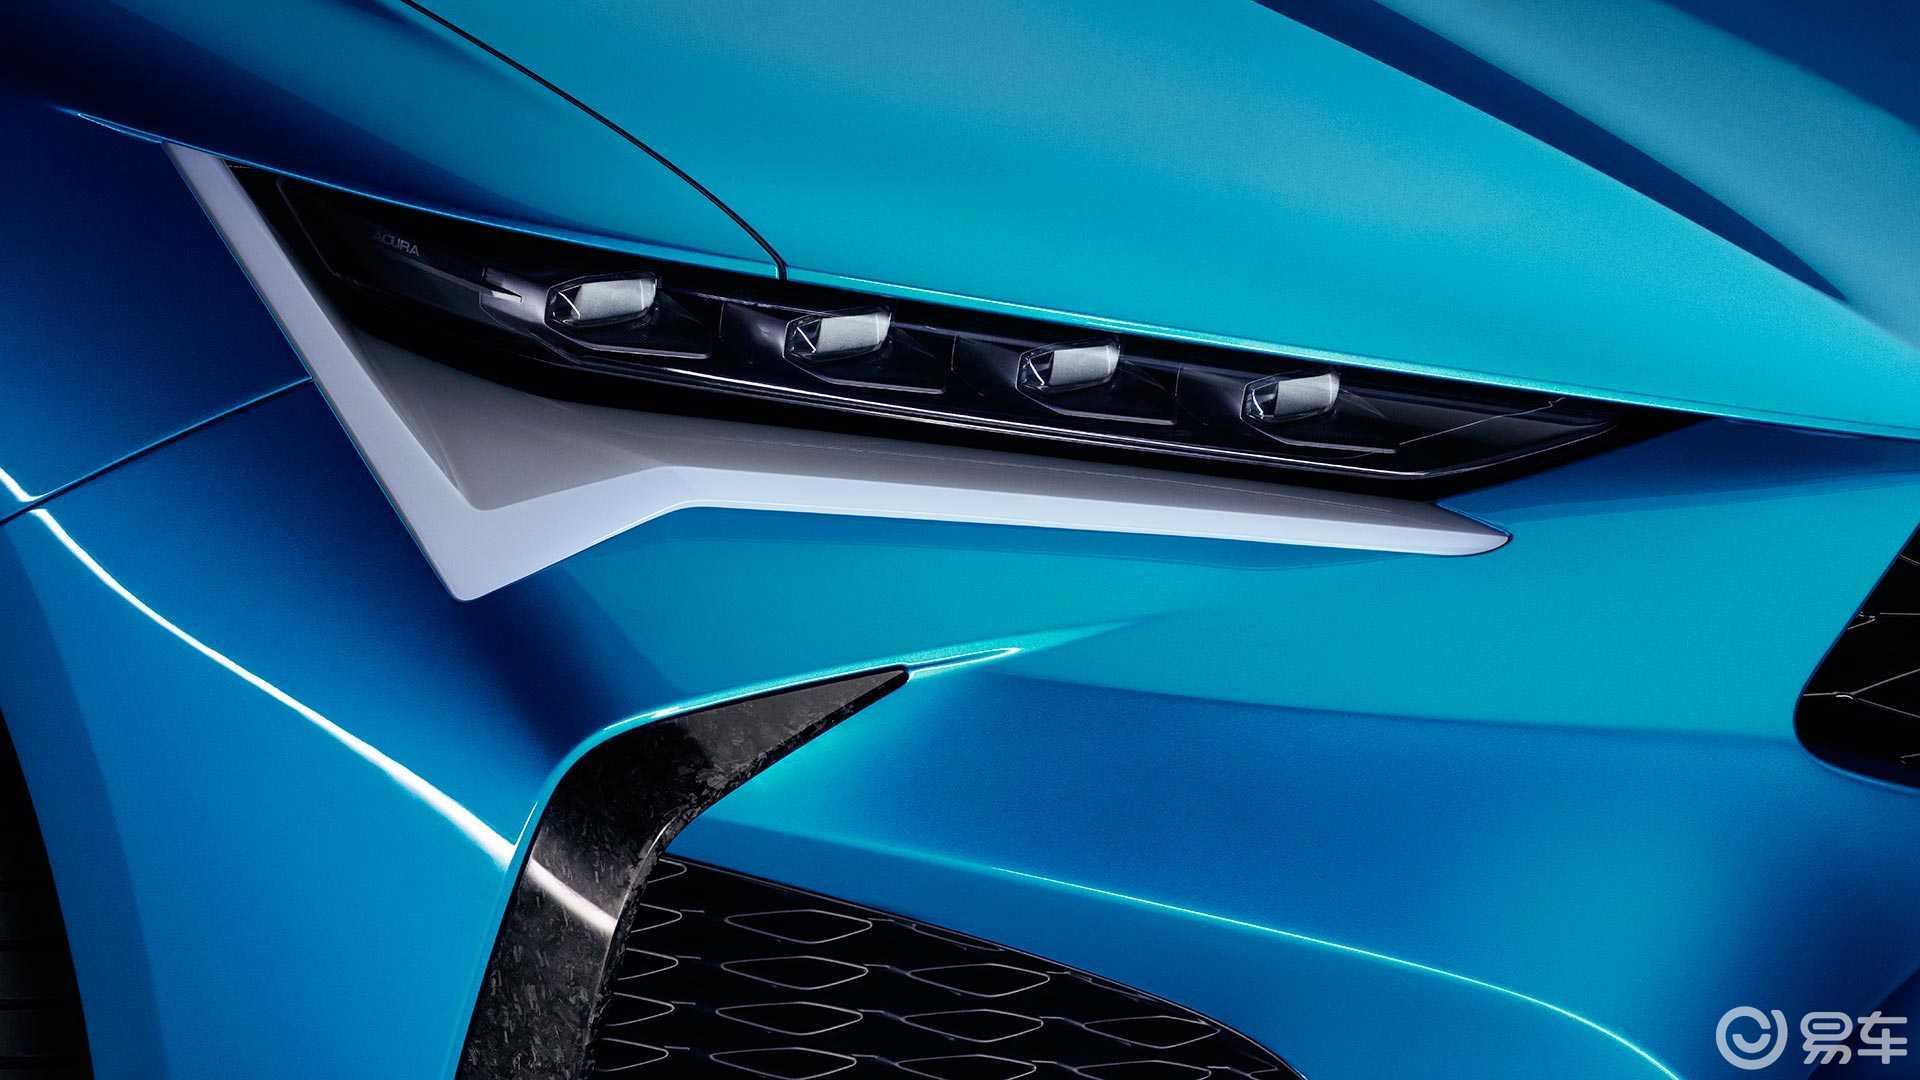 讴歌全新概念车发布,四门四驱跑车造型,外观更像NSX